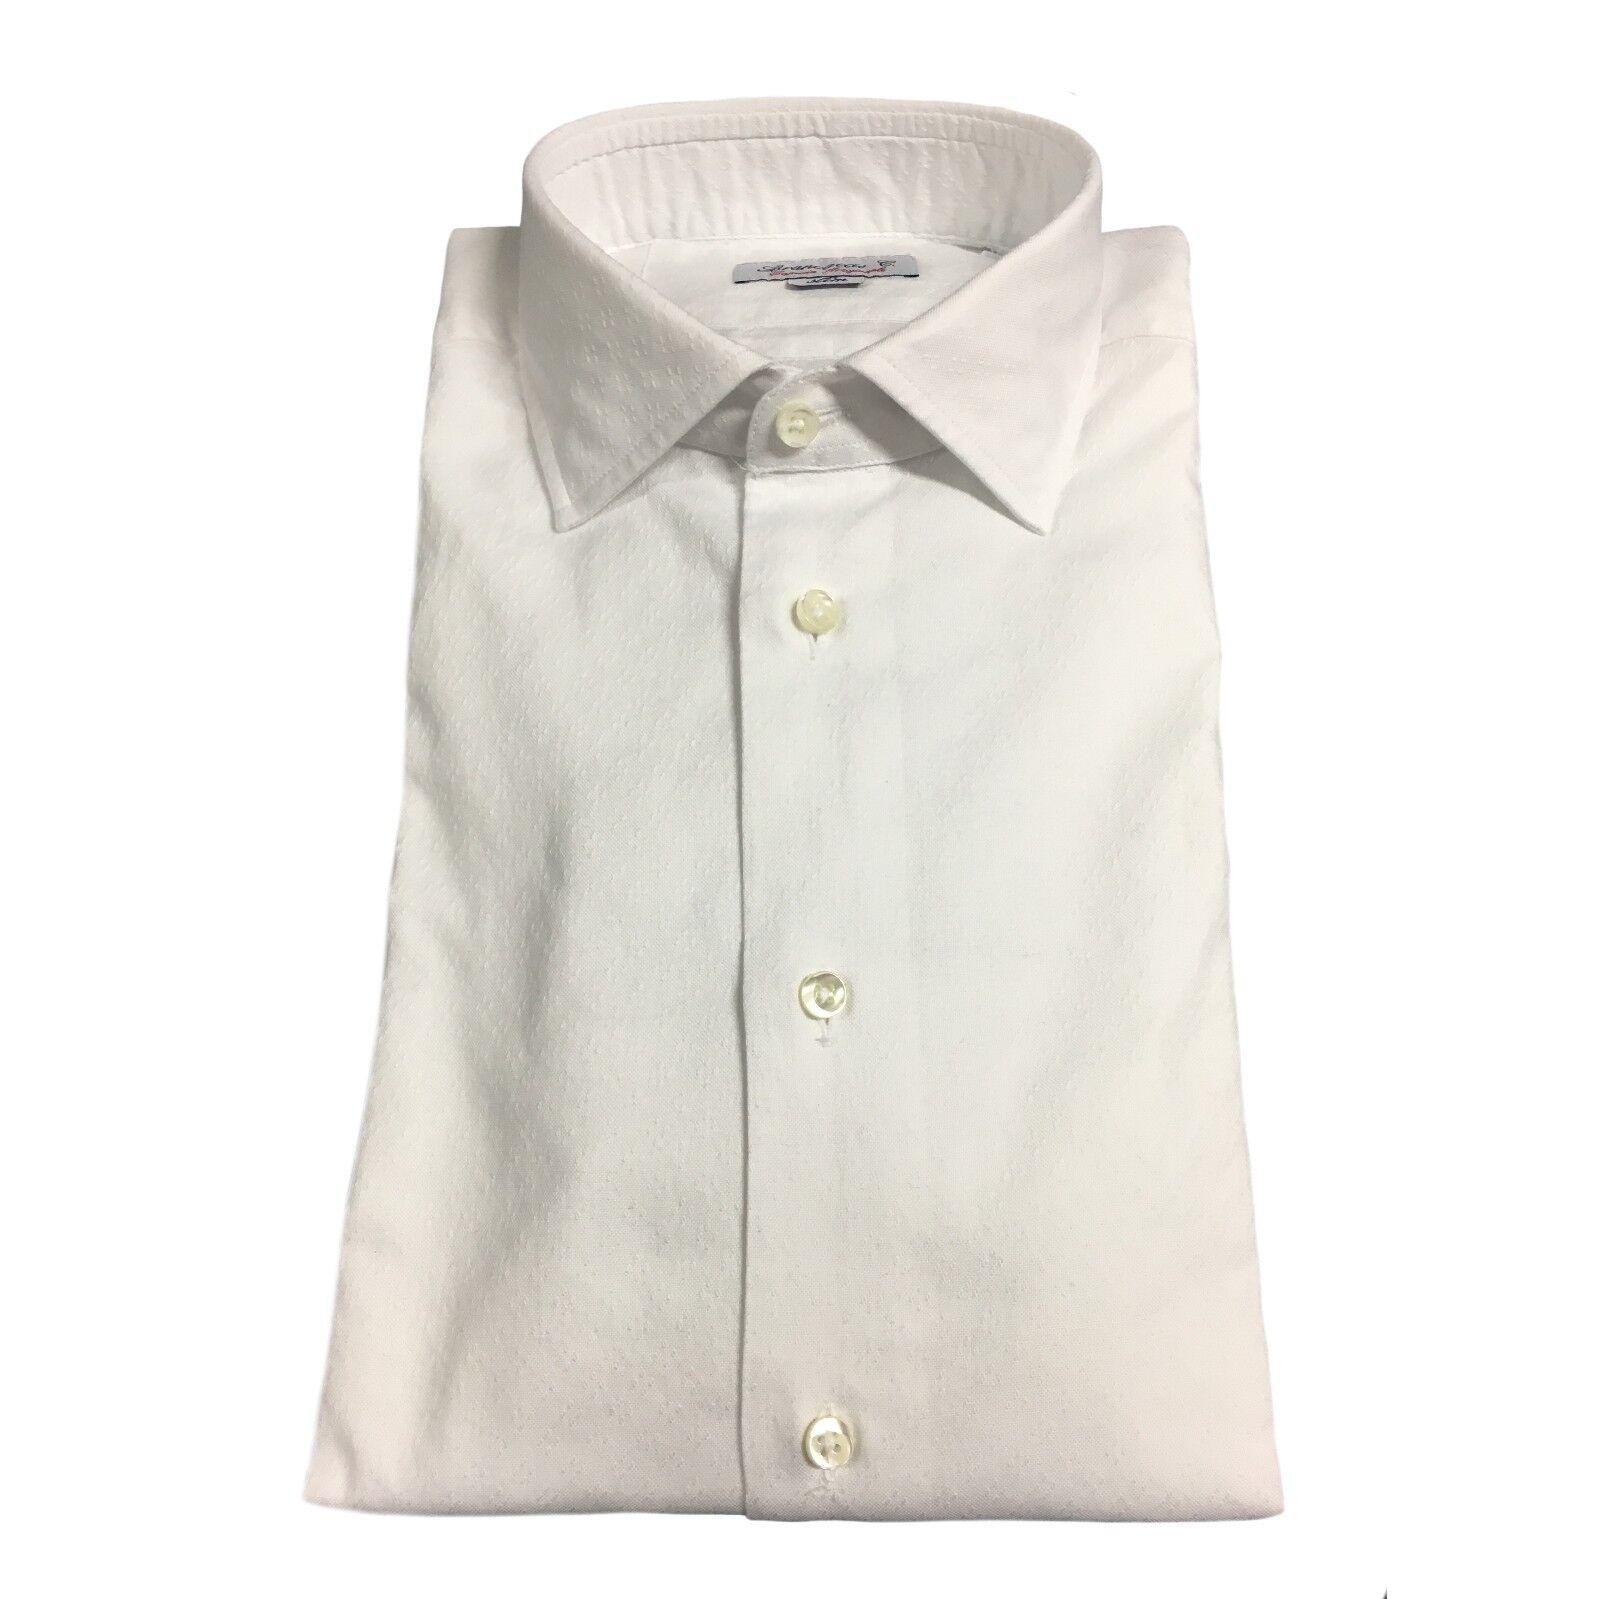 BRANCACCIO camicia uomo manica lunga bianca operata mod GIO' BR14401 100% cotone